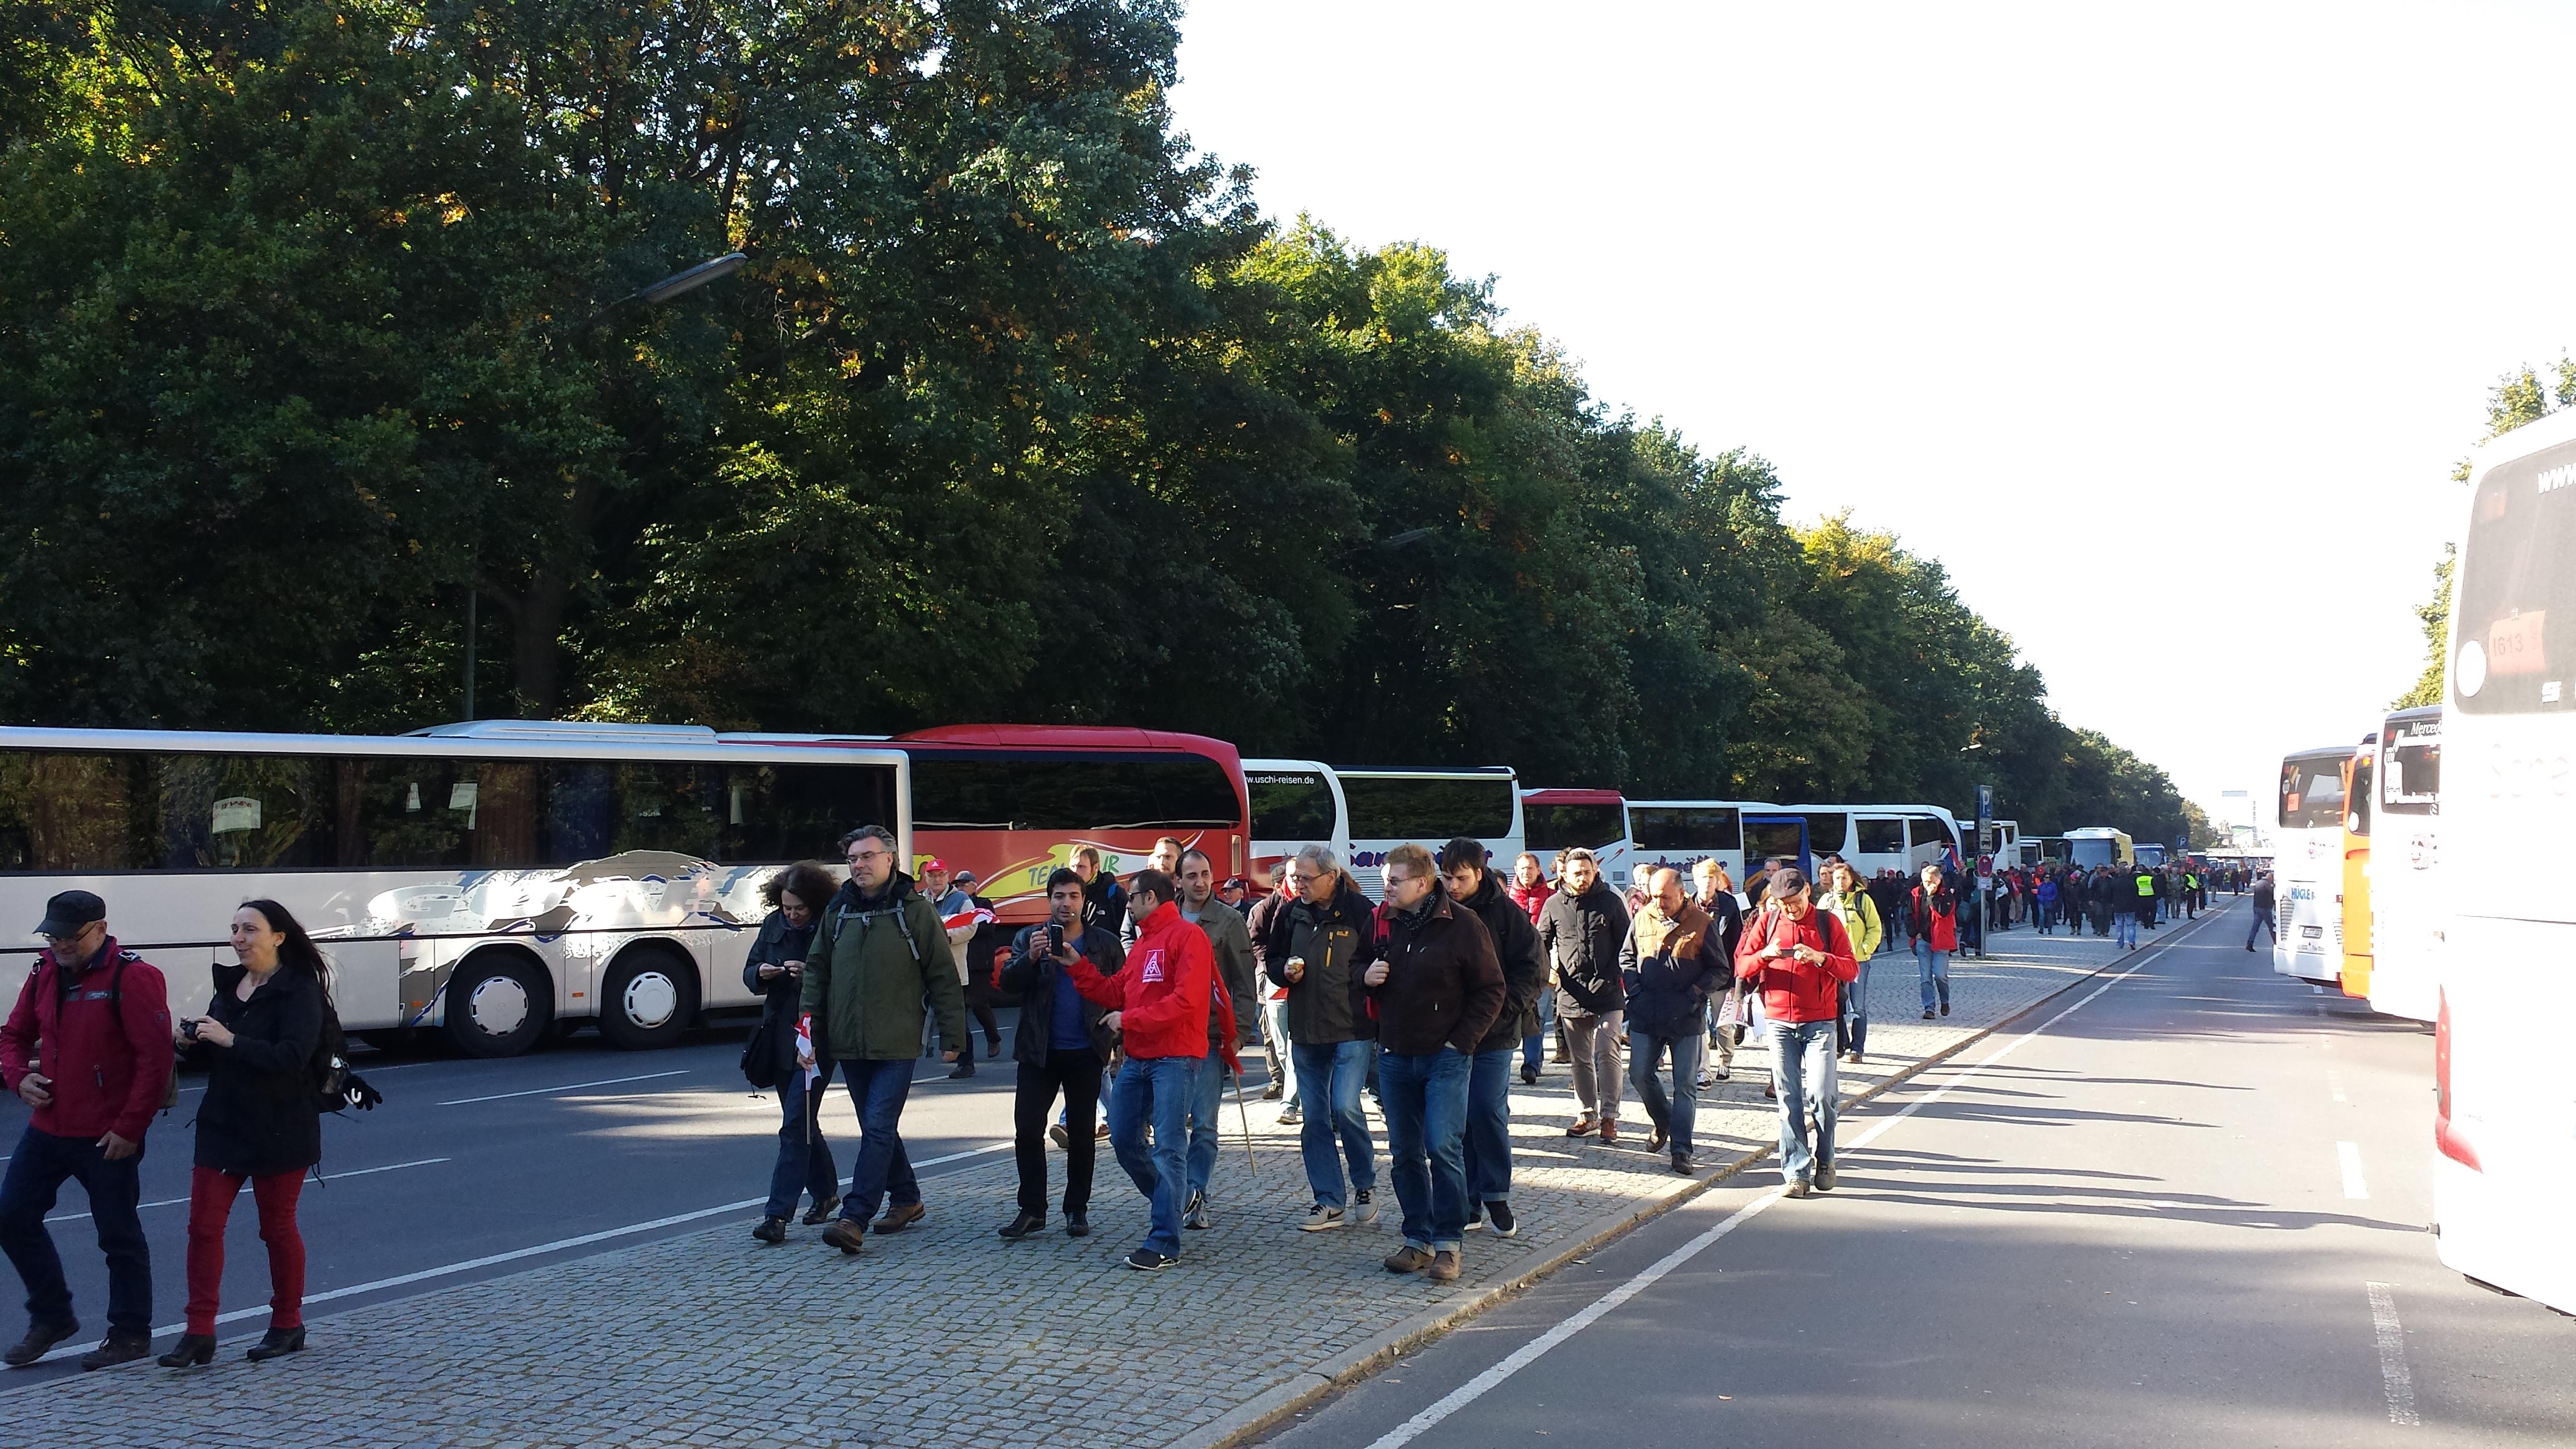 Weit über 500 Charterbusse und mehrere Sonderzüge hatten Demonstranten aus ganz Deutschland nach Berlin befördert.